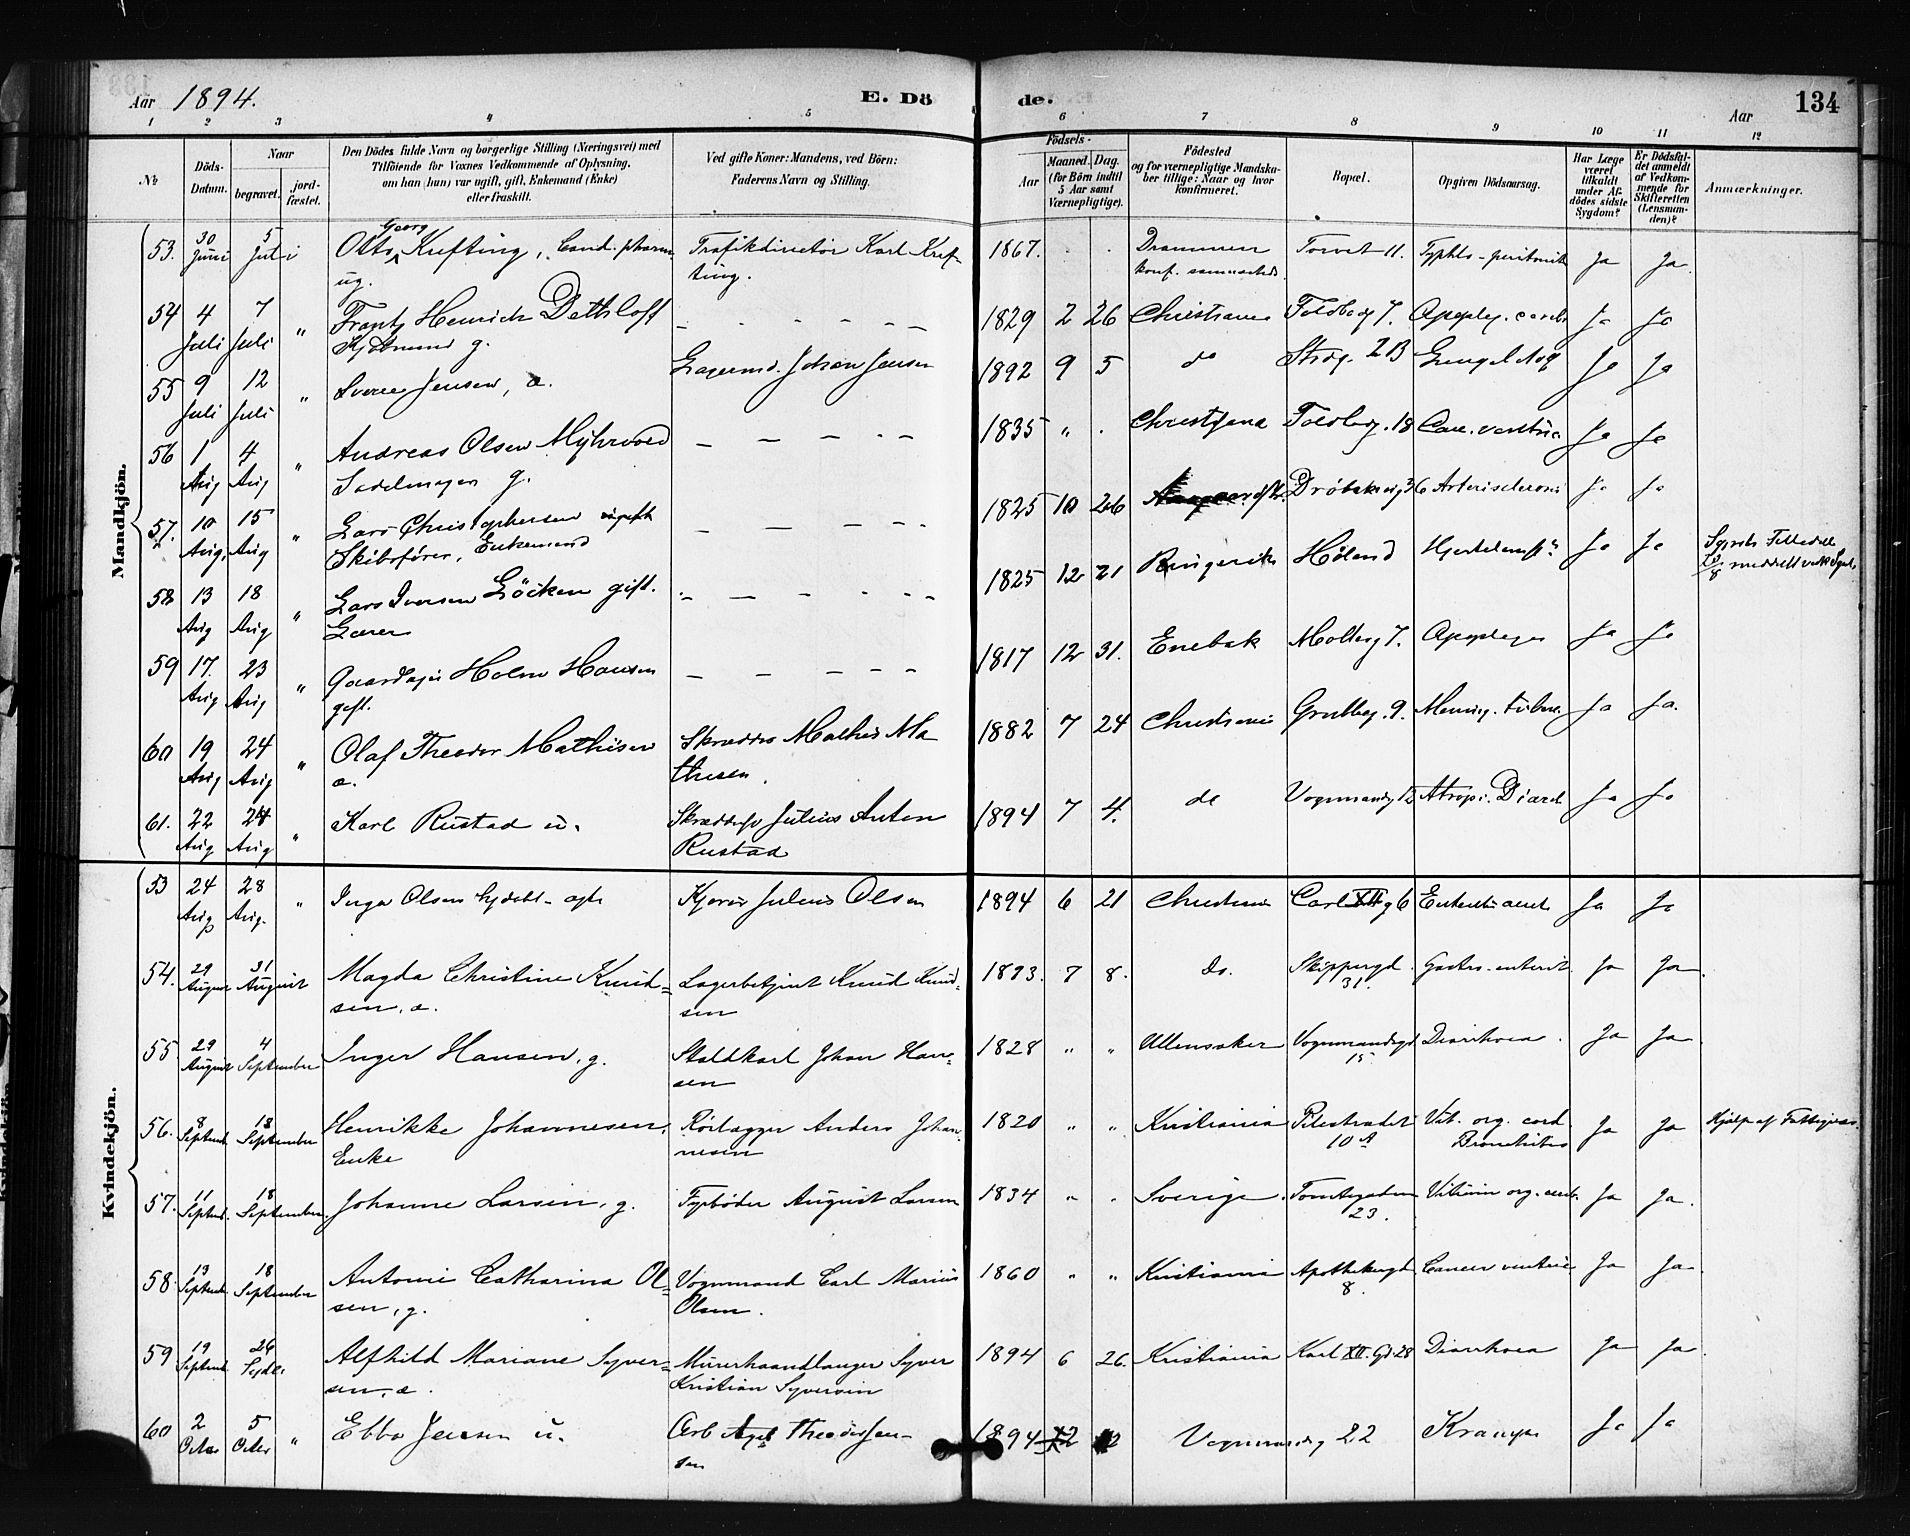 SAO, Oslo domkirke Kirkebøker, F/Fa/L0035: Ministerialbok nr. 35, 1885-1901, s. 134